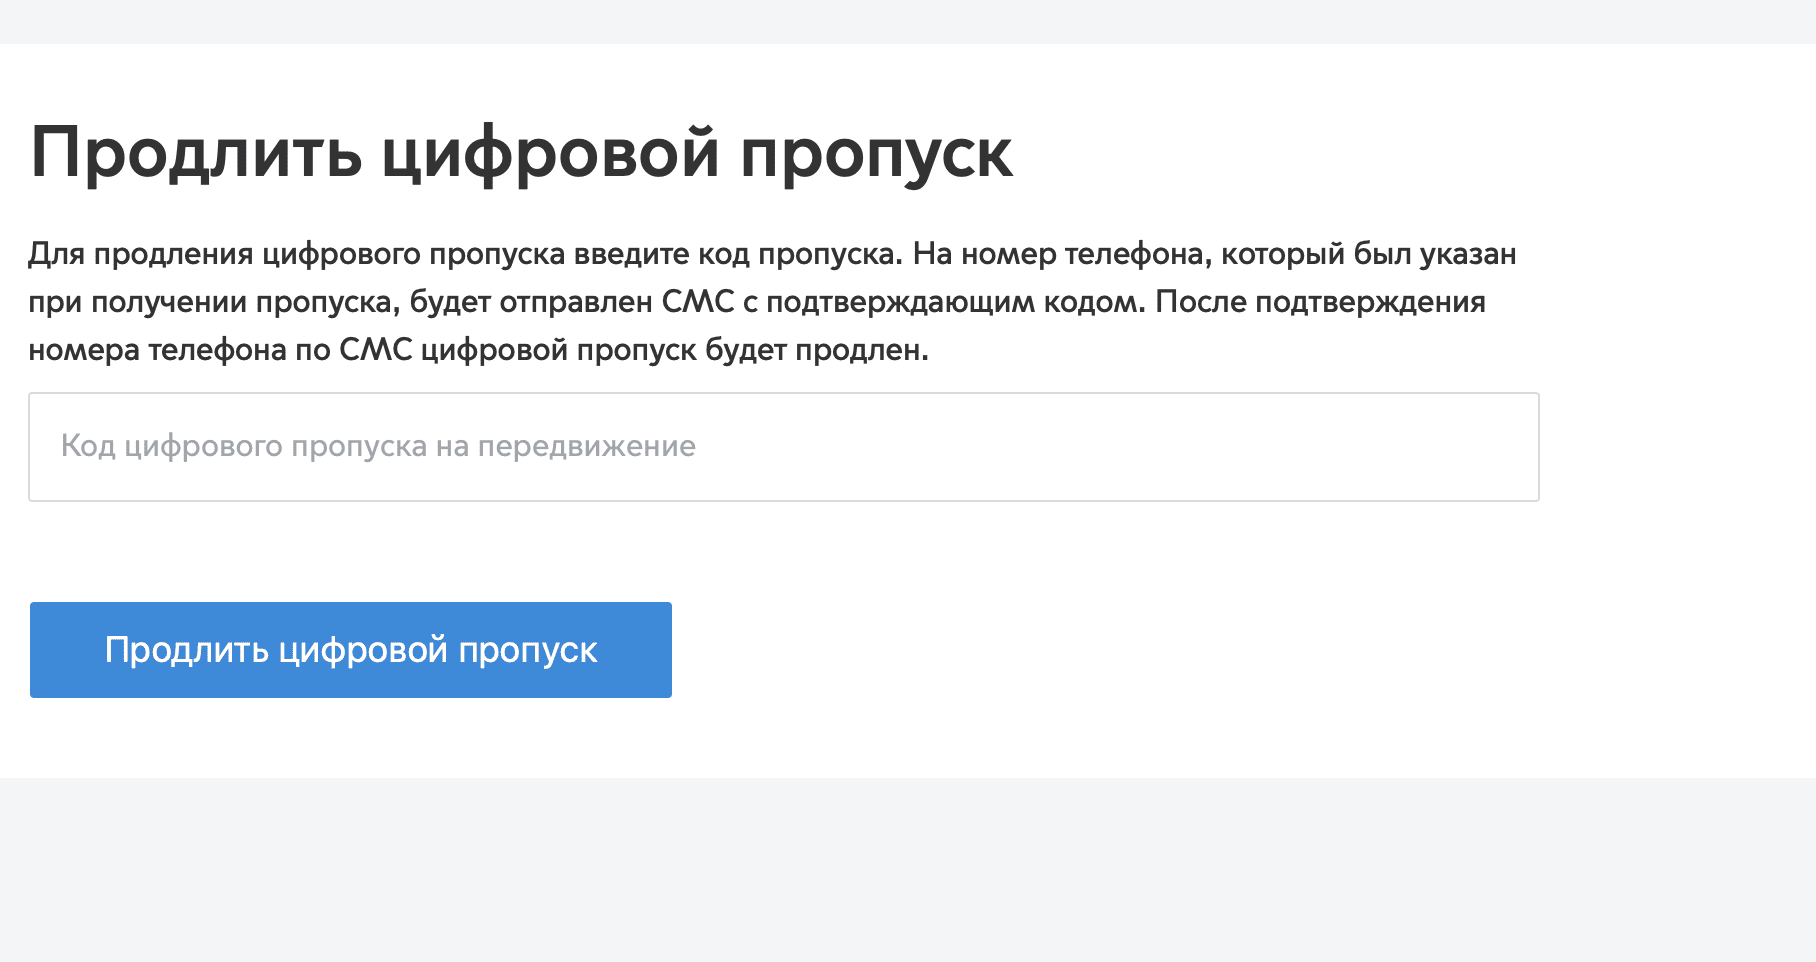 Как продлить московский цифровой пропуск, действующий до 30 апреля (все полезные ссылки)